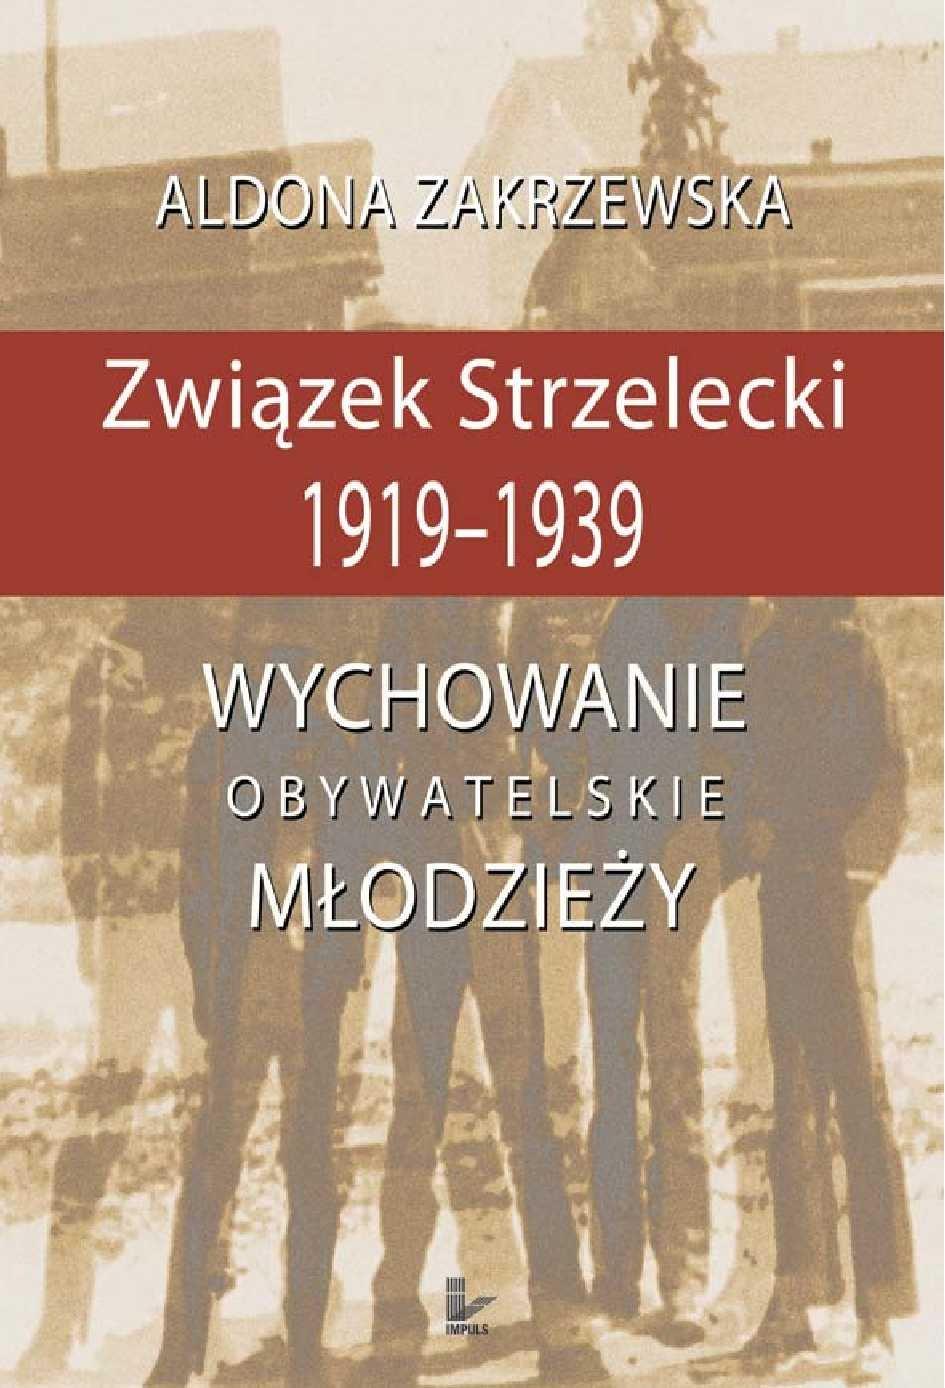 Związek Strzelecki 1919-1939 - Ebook (Książka PDF) do pobrania w formacie PDF